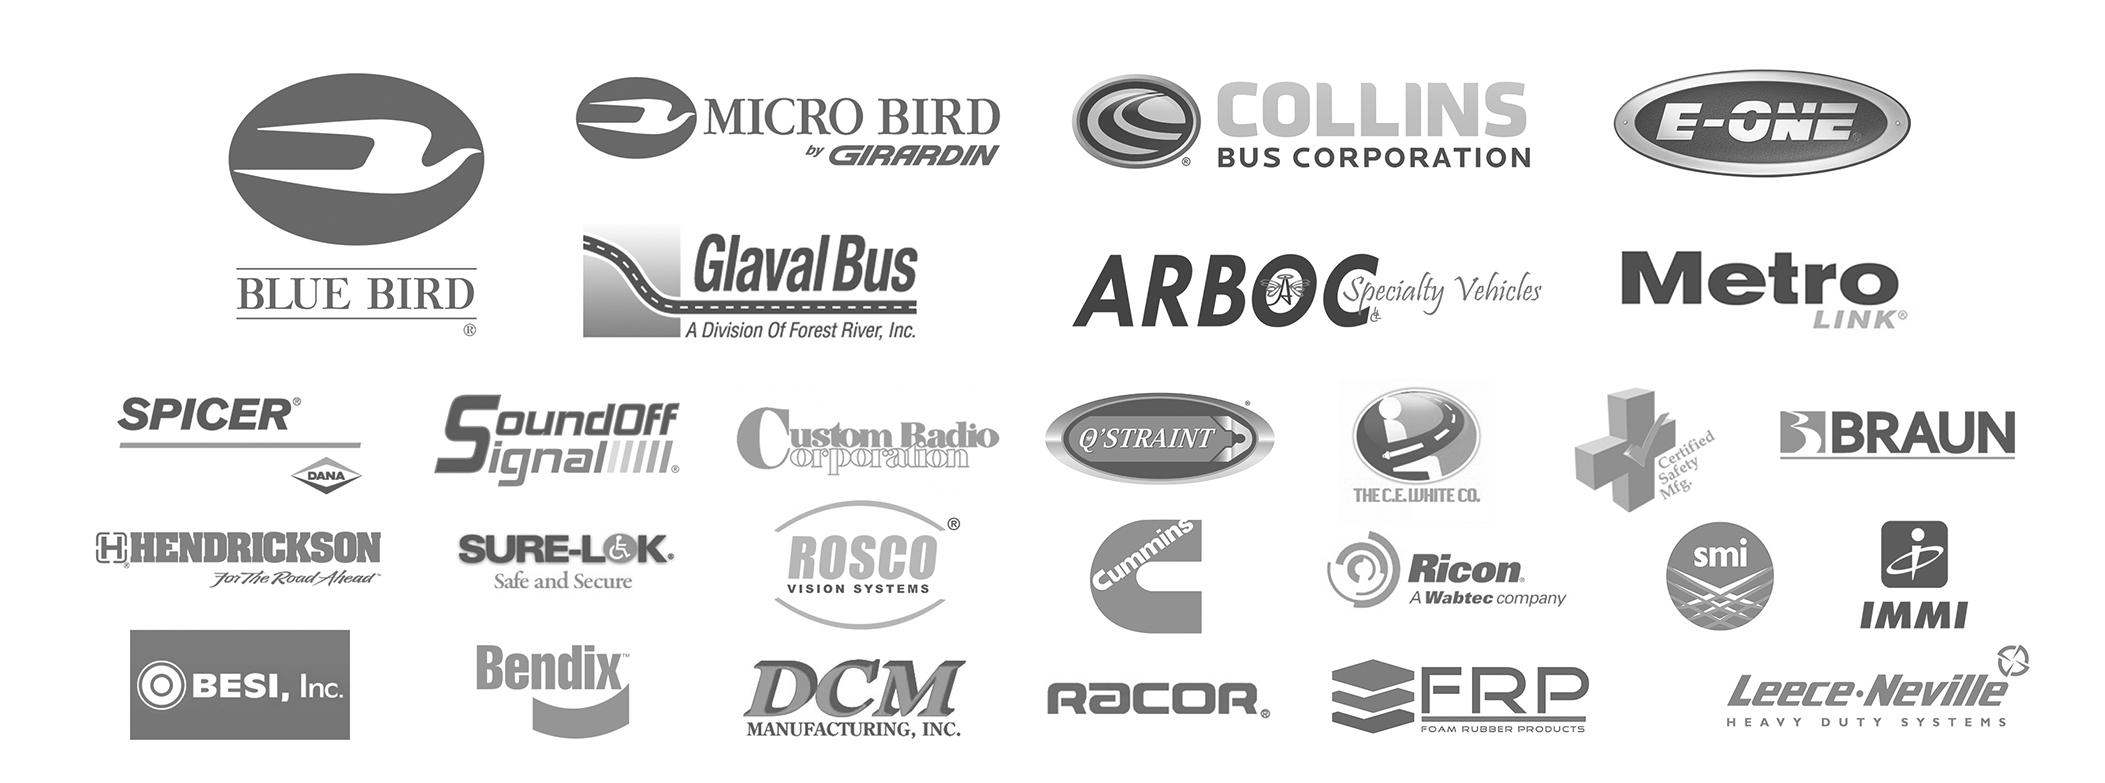 a-z-bus-sales-parts-department-parts-brand-logos